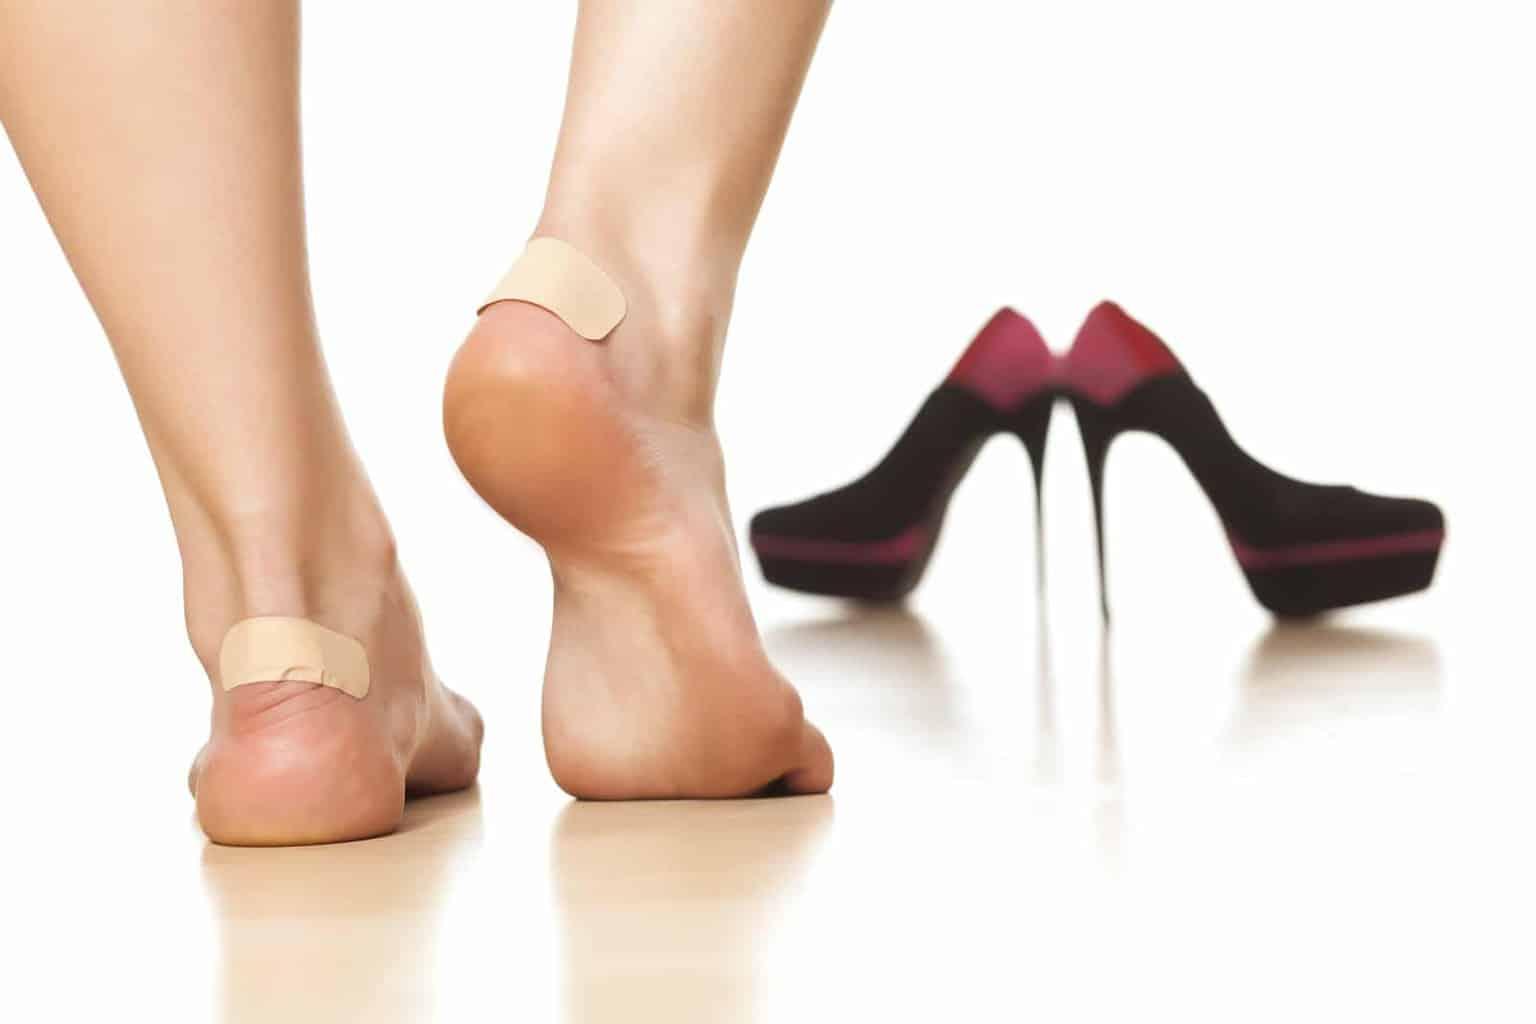 Blase am Fuß – was hilft?